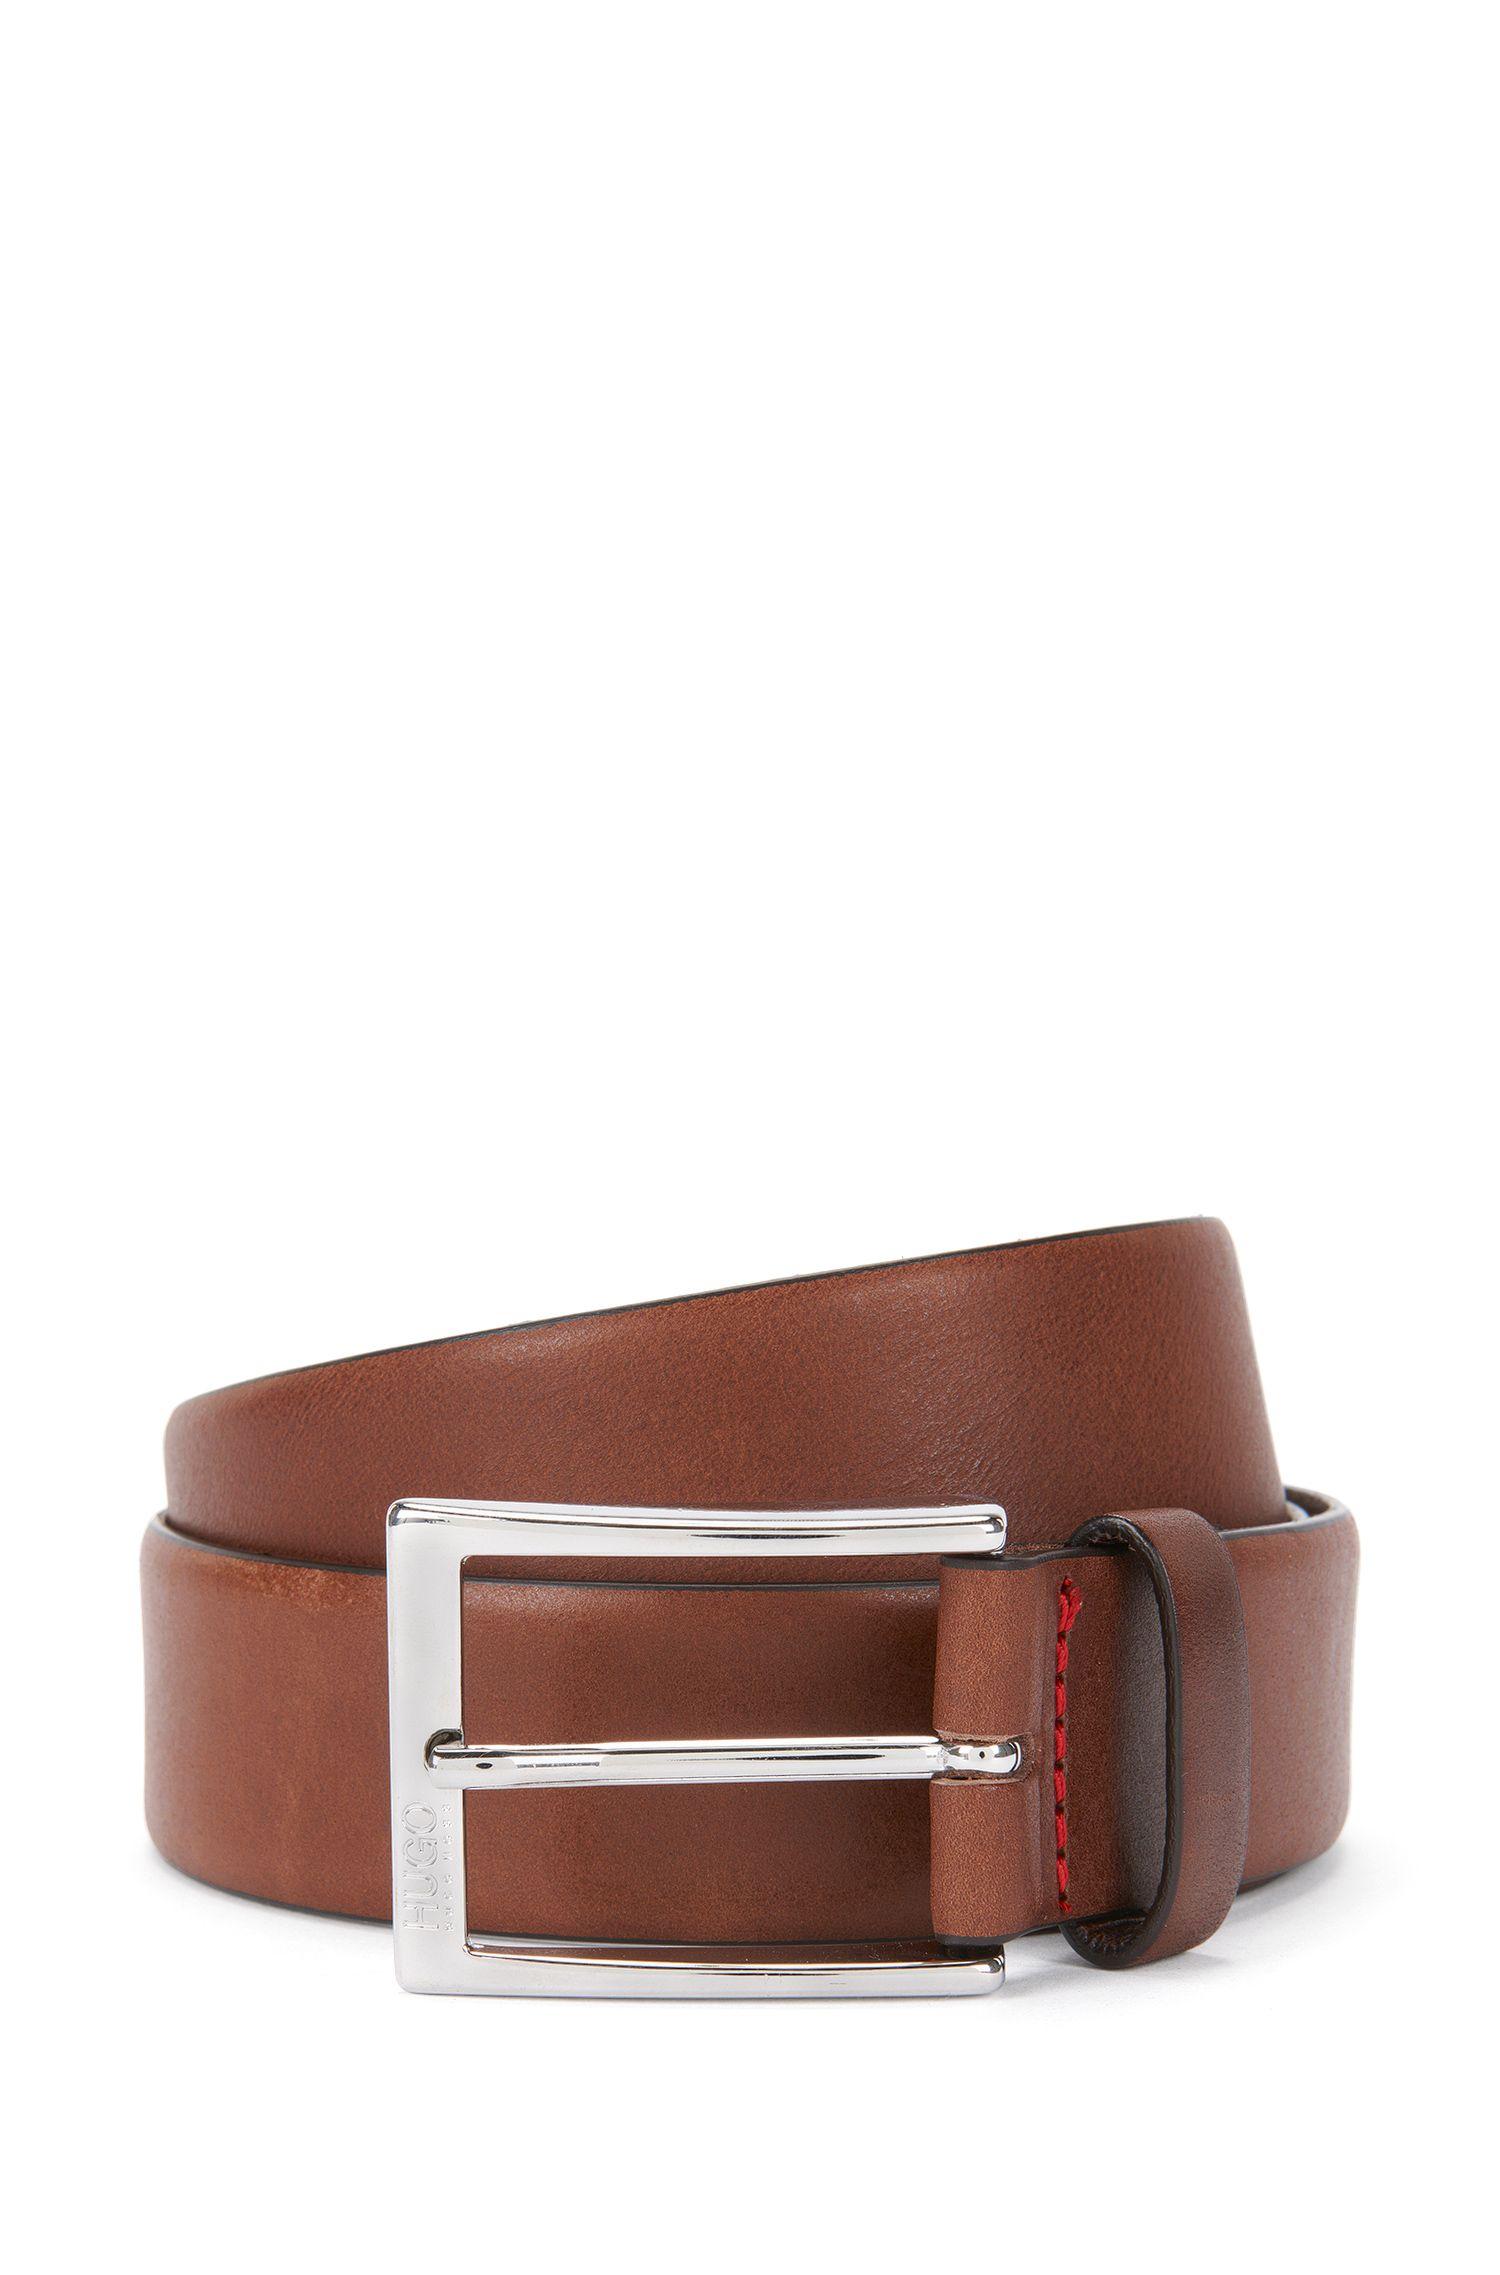 Cinturón con hebilla de metal pulido en piel de curtido vegetal